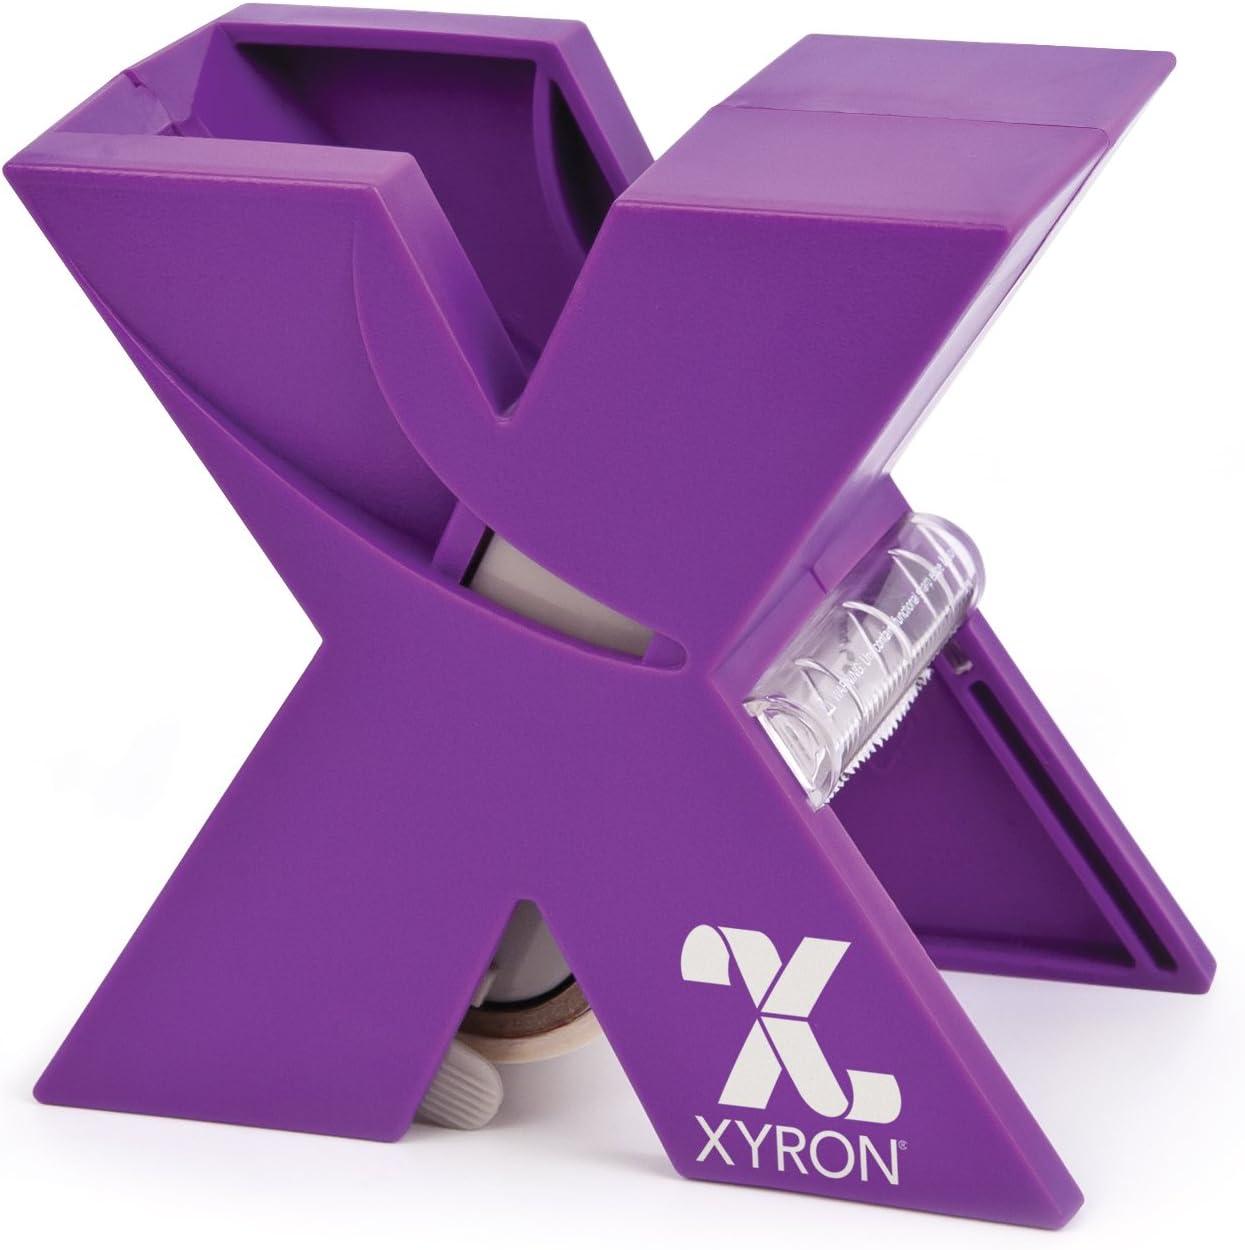 Xyron X150